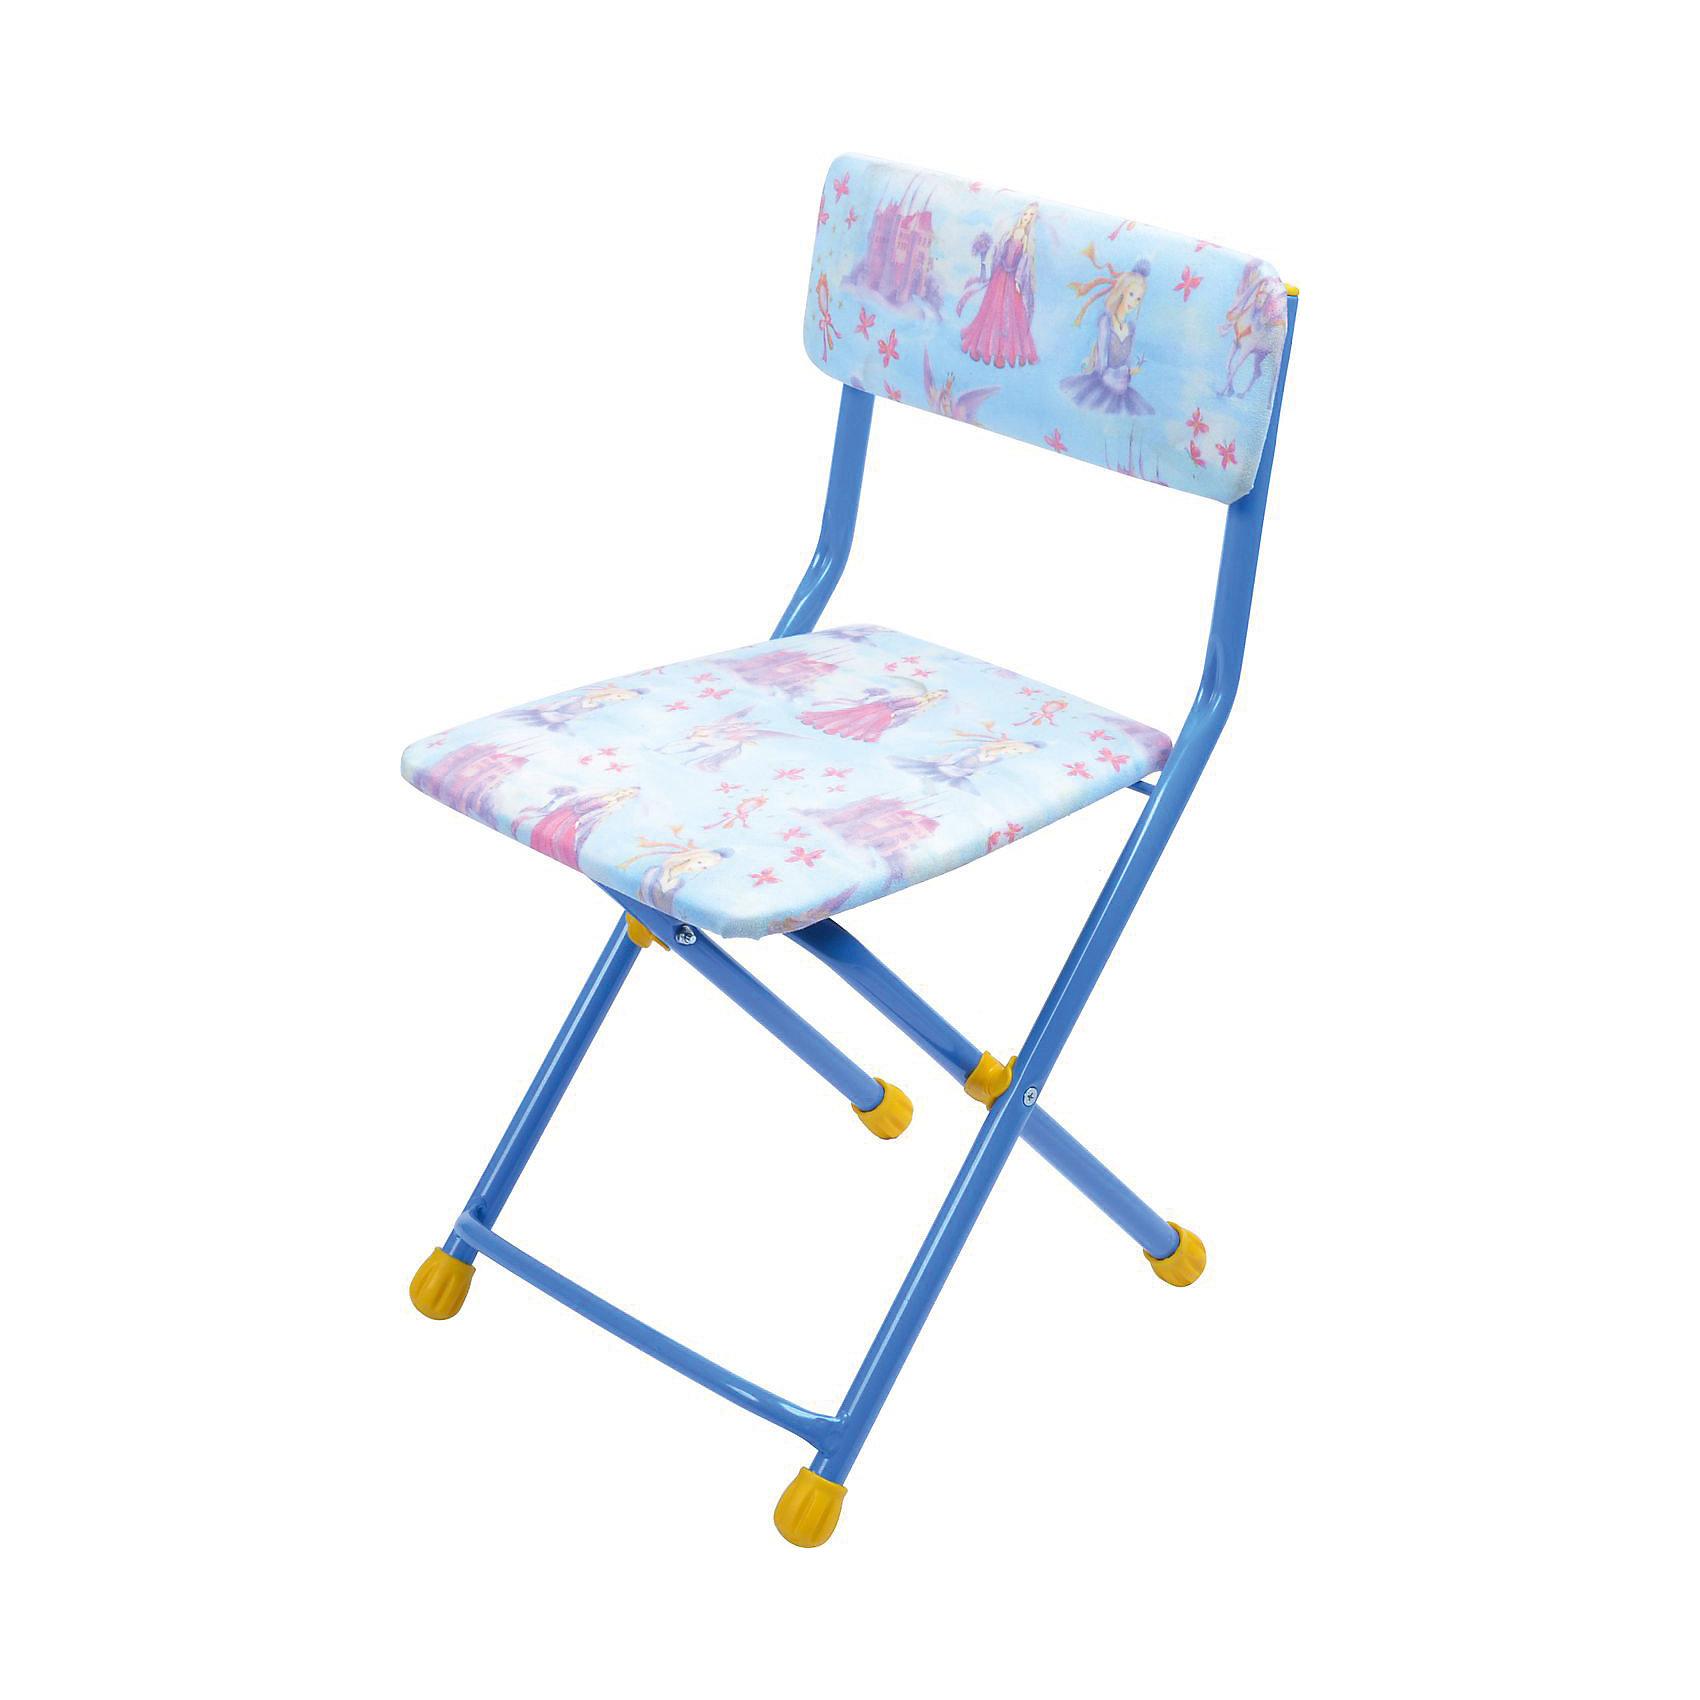 Складной стул с мягким сиденьем «КУ1» Барби, Ника, голубой  тумба пуфик купить